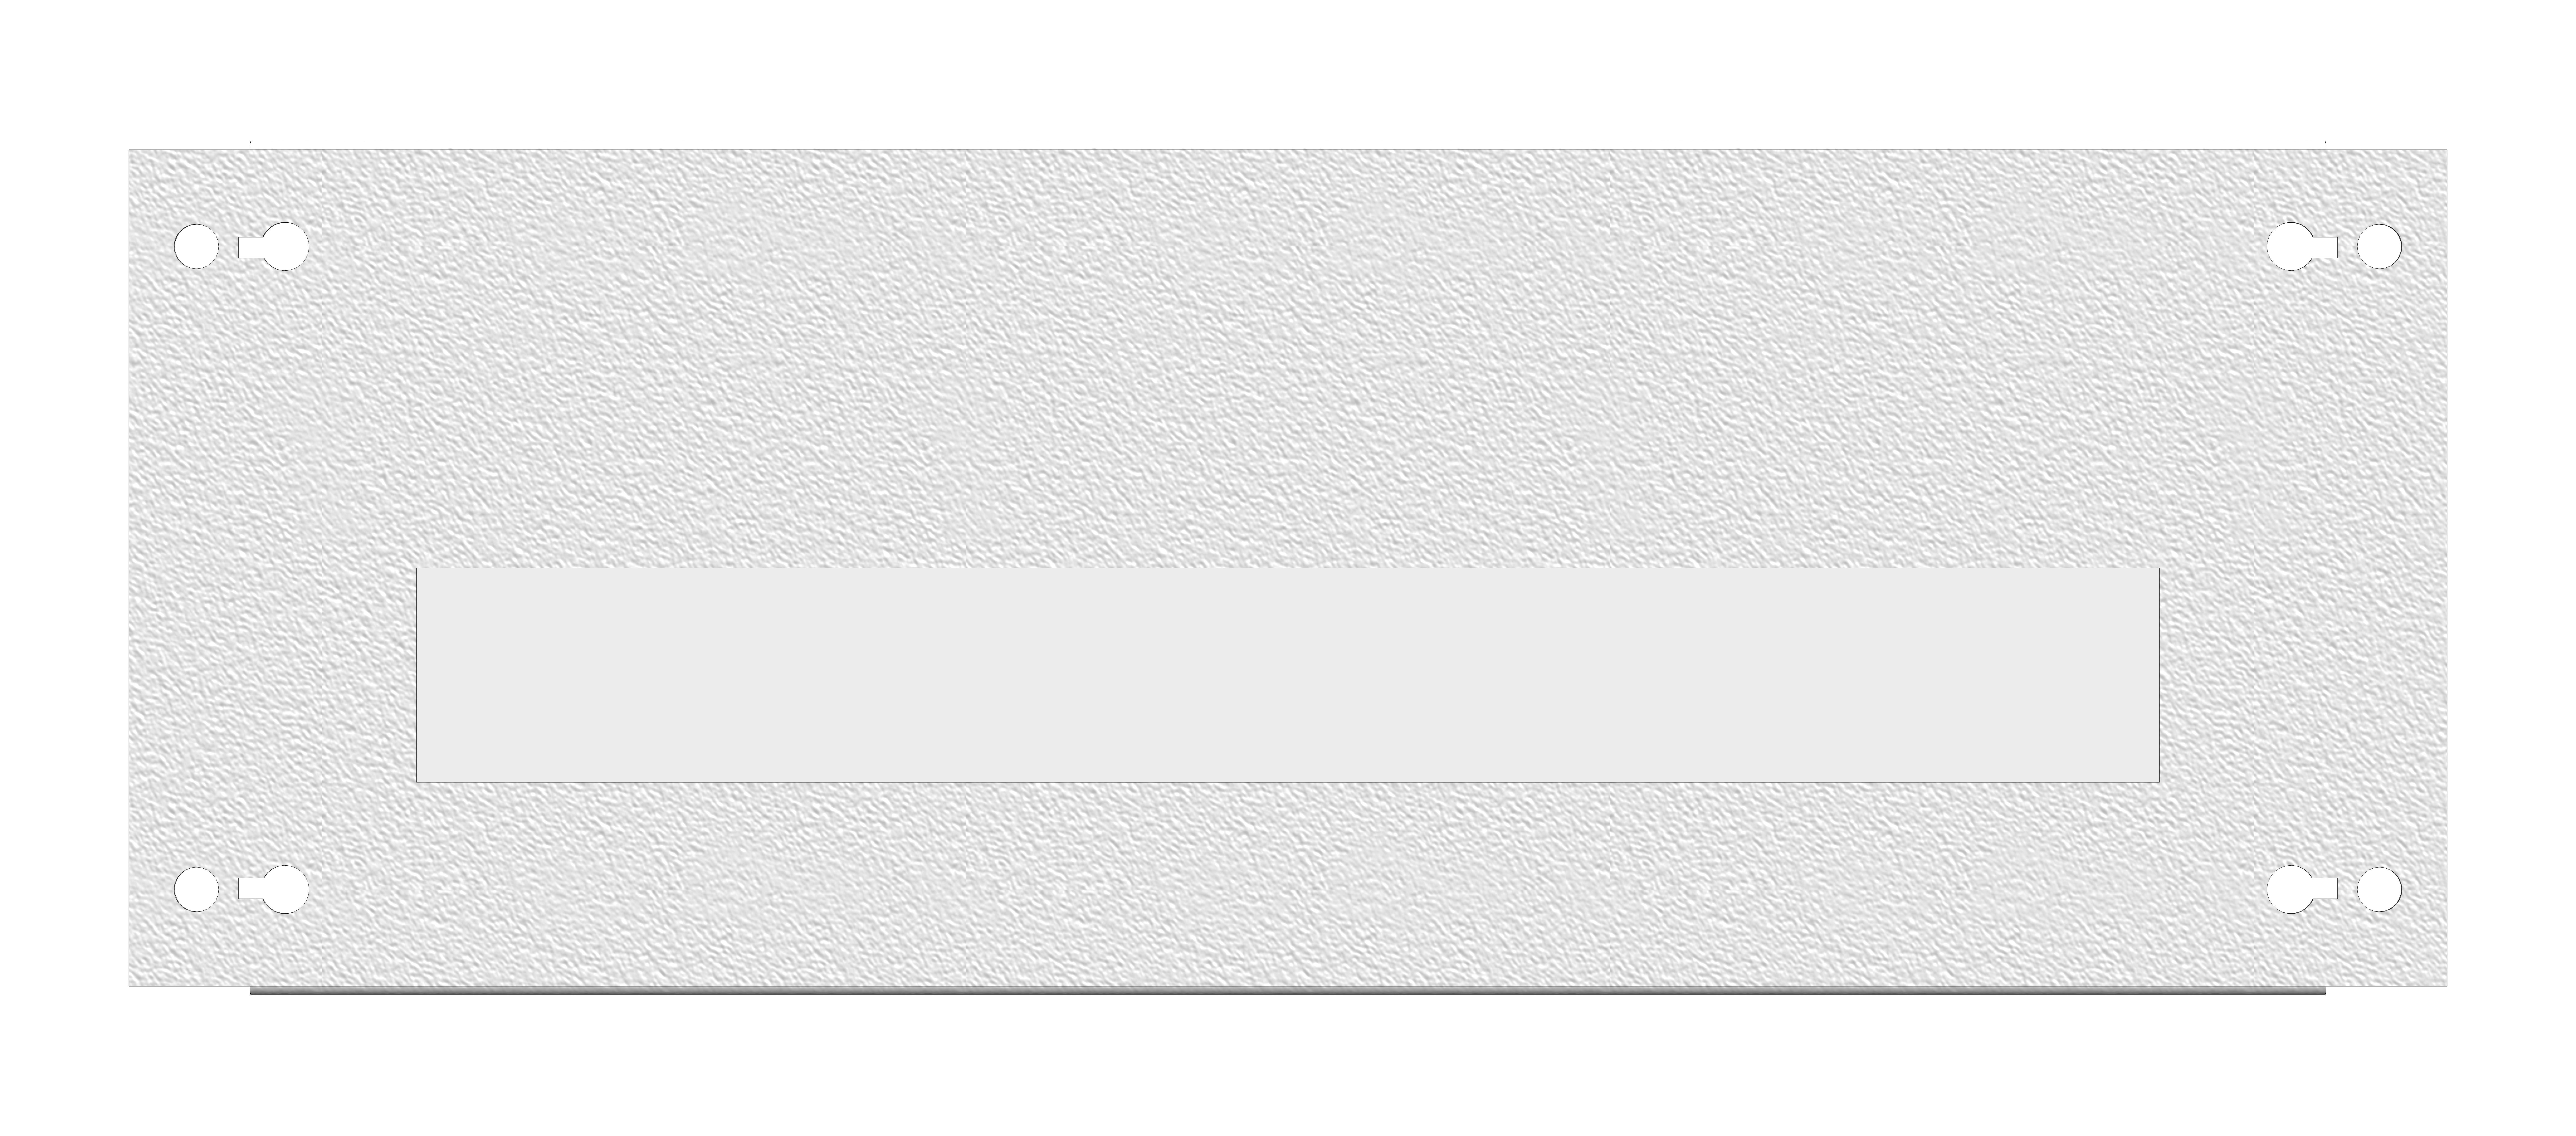 1 Stk VZ-Frontplatte VLBG - 2VZ4 Acryl   IL900325-H